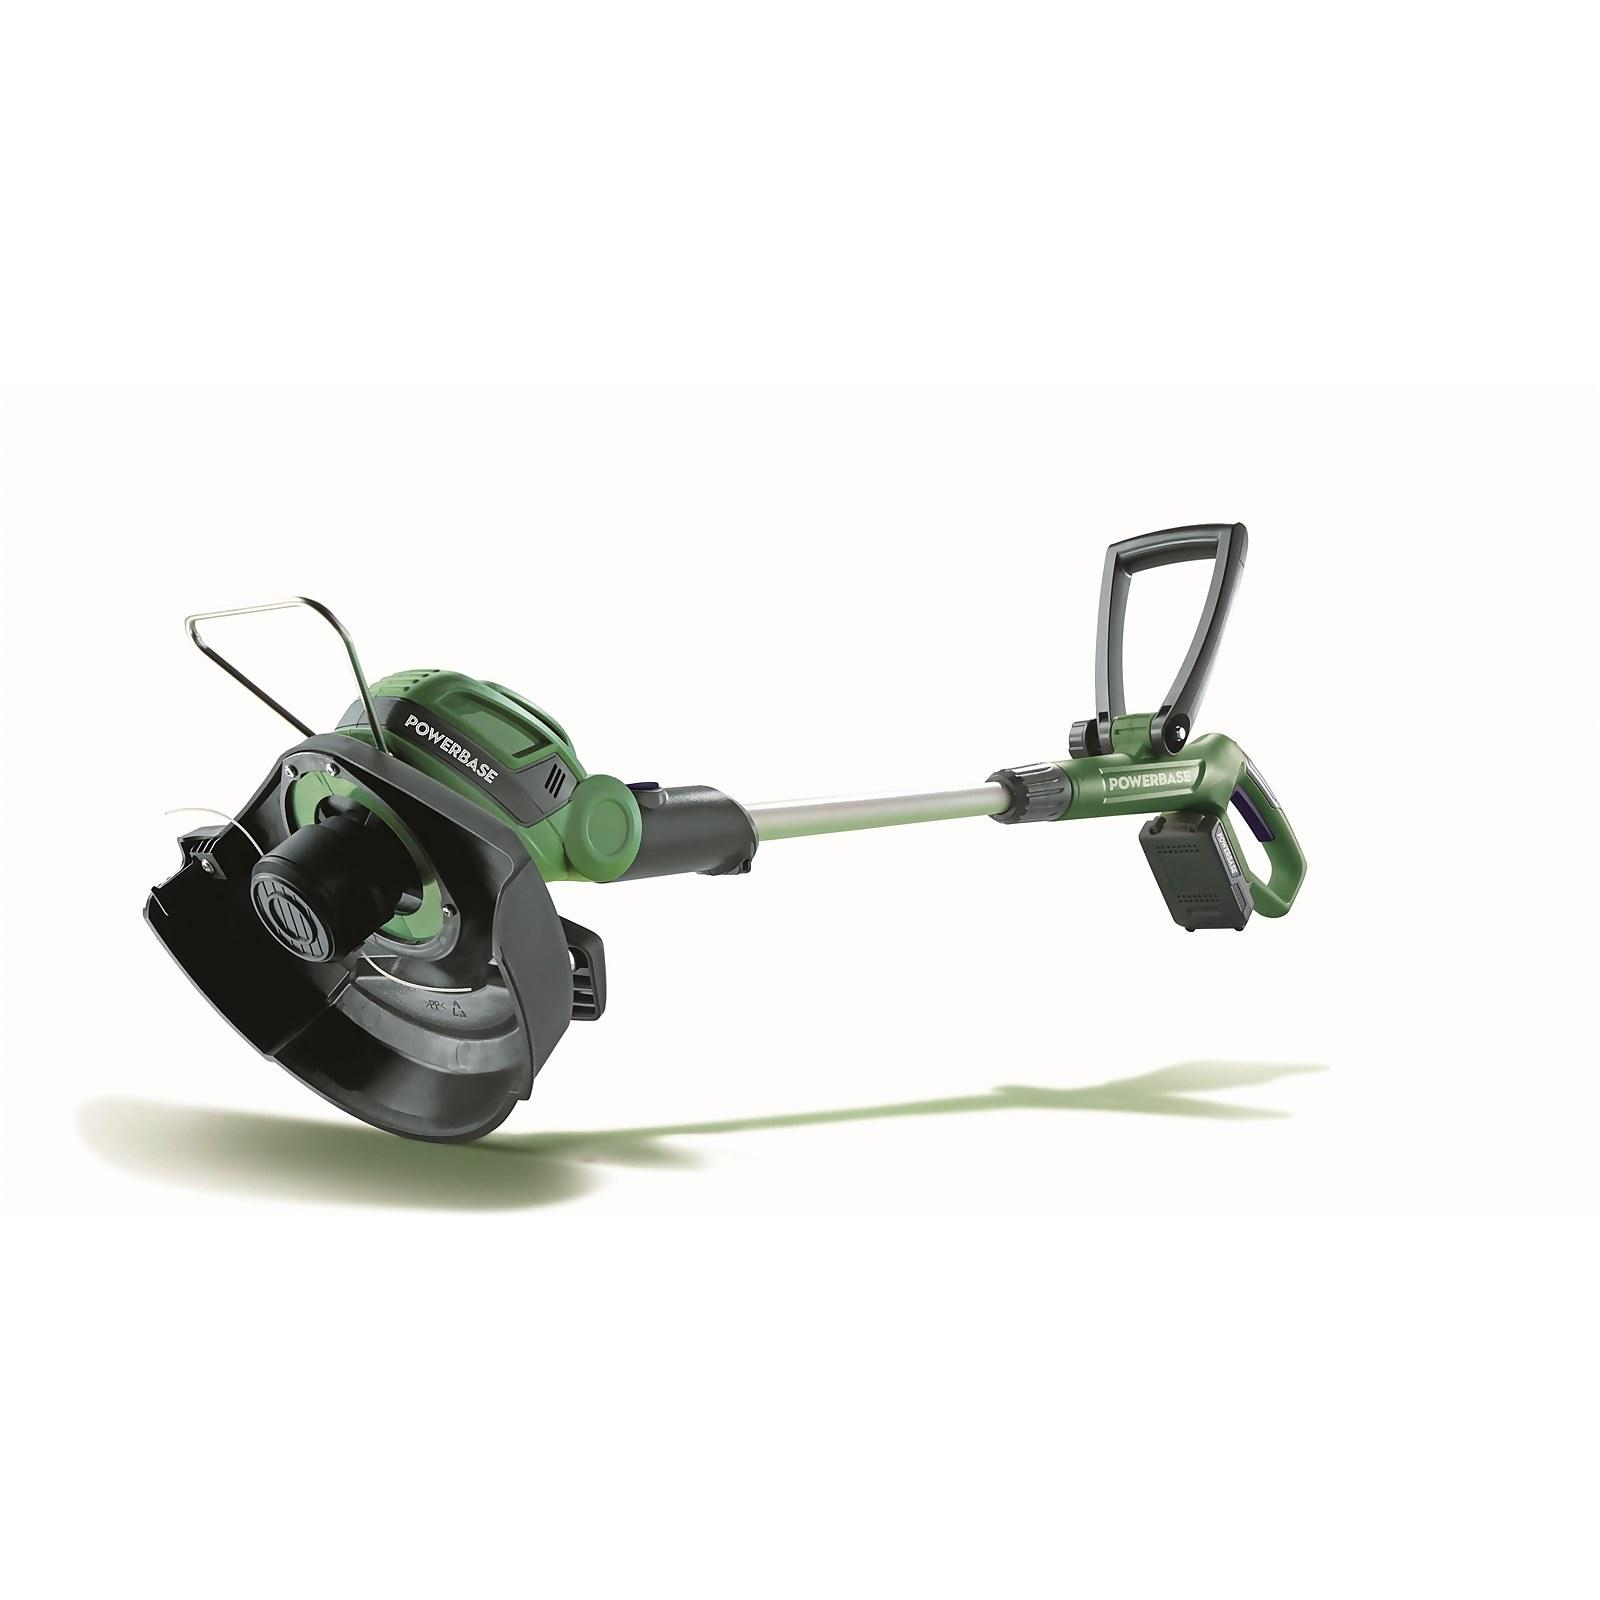 Powerbase 20V Cordless Grass Trimmer 25cm